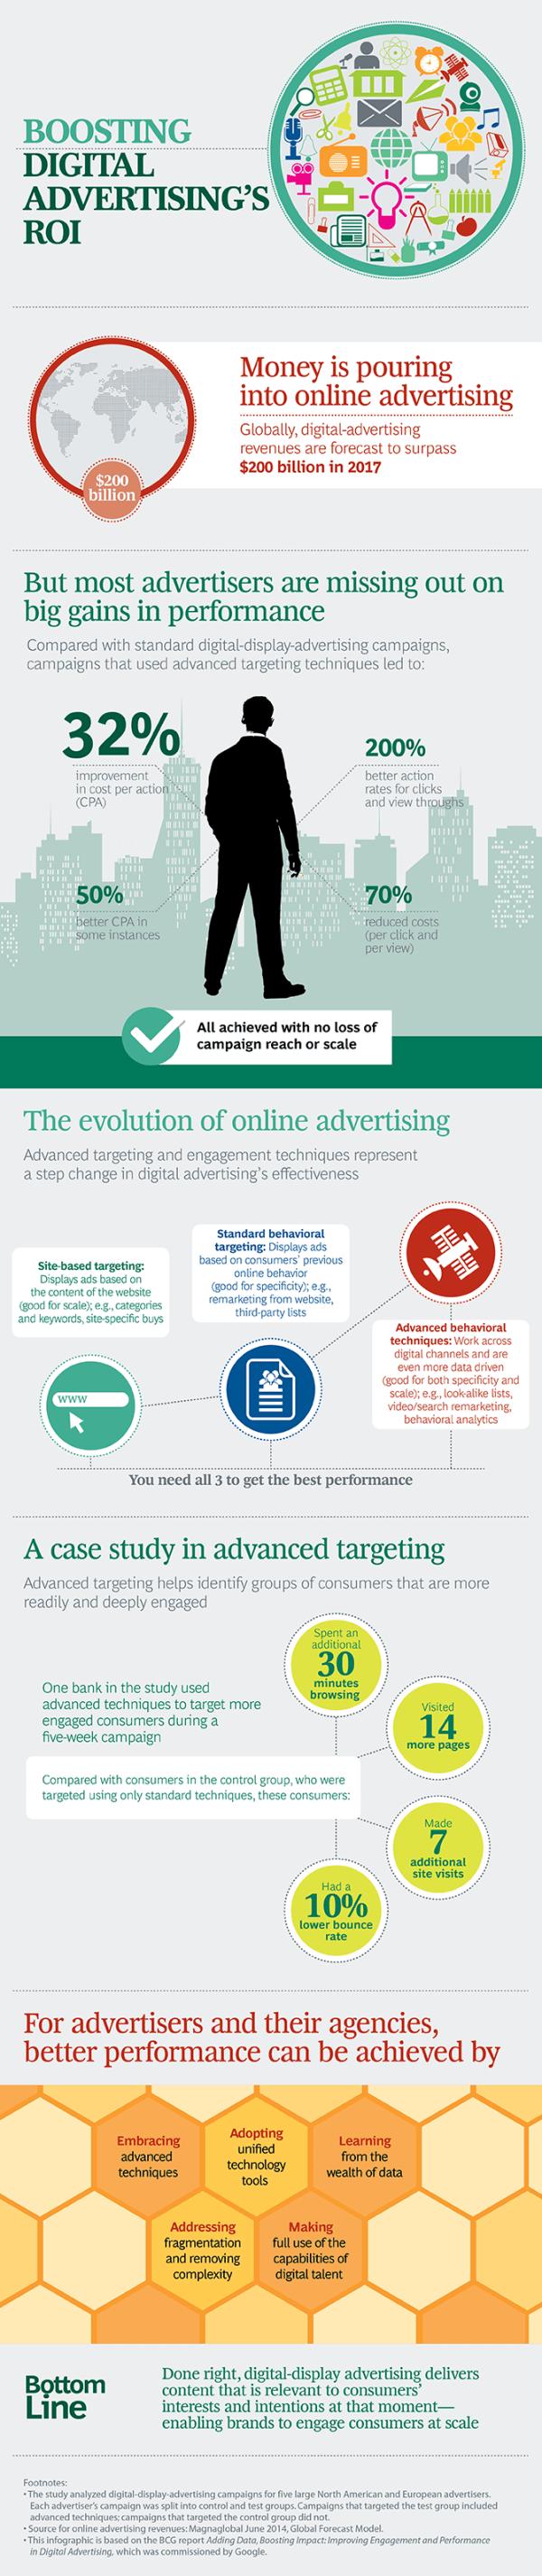 BCG_Boosting_Digital Advertisings_ROI